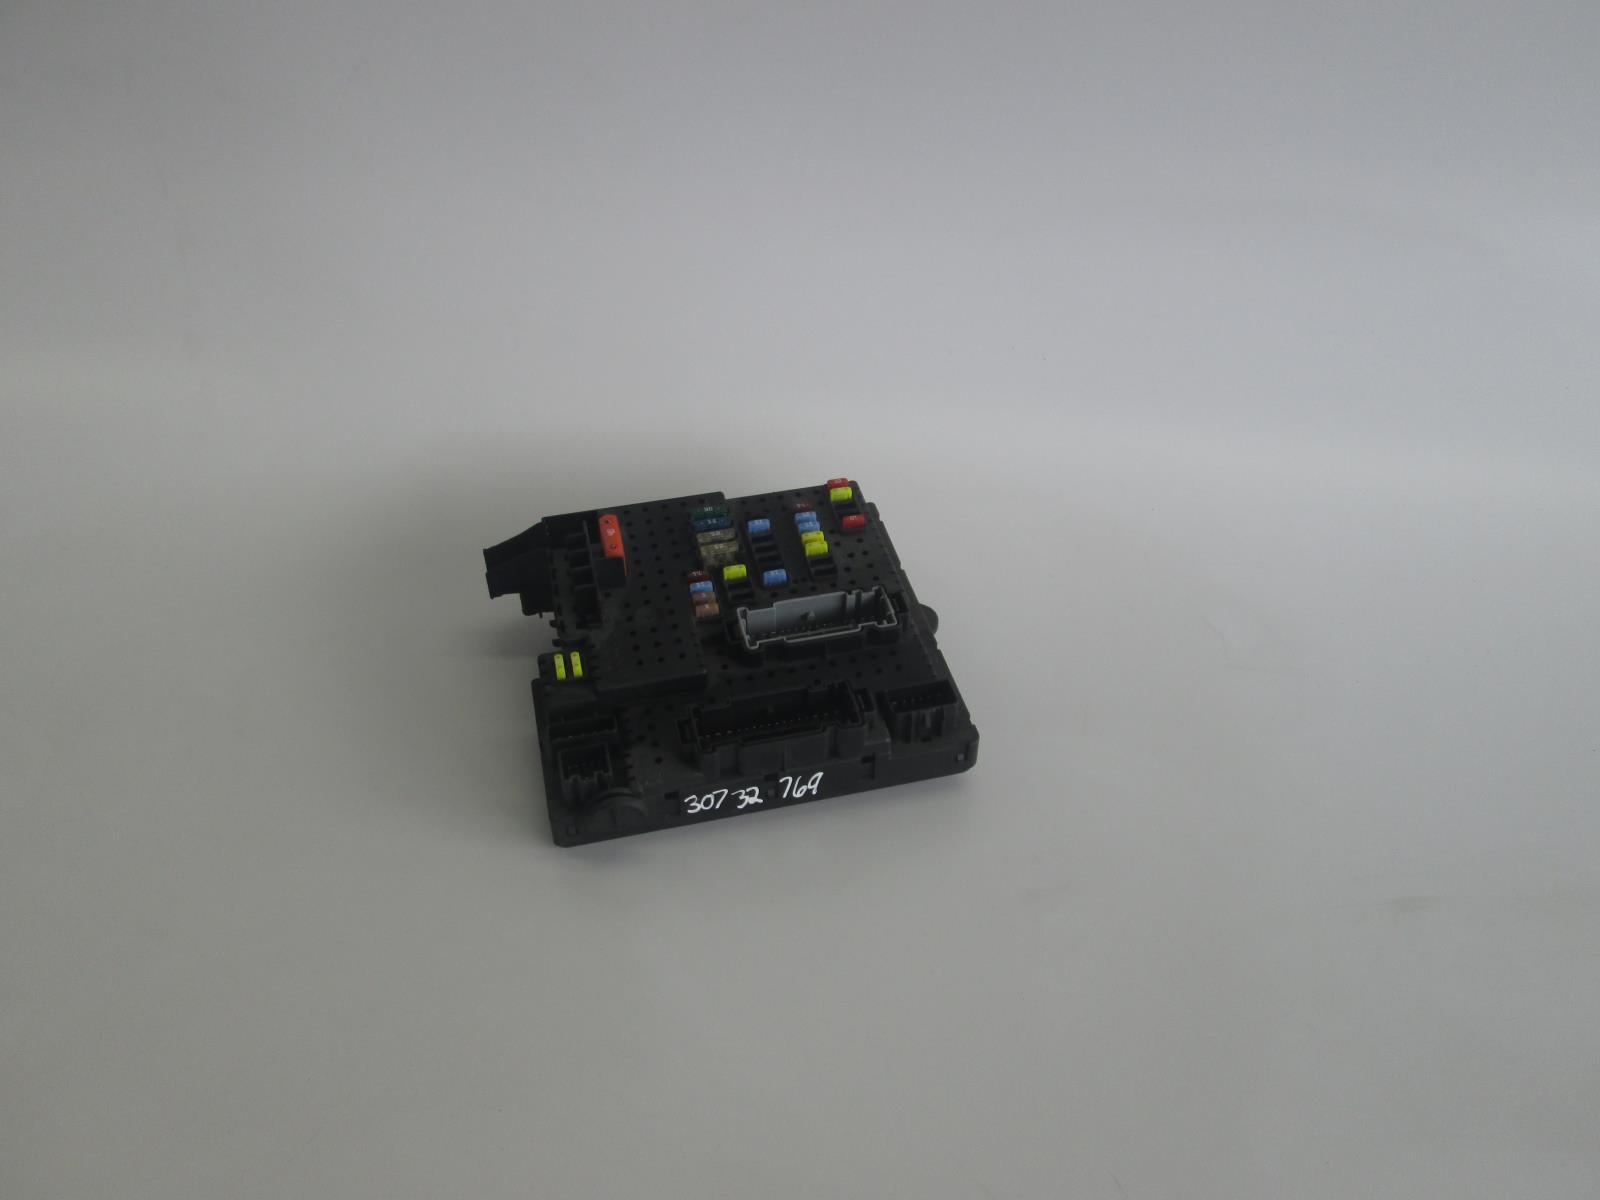 Volvo S60 V70 Rear Junction Fuse Relay Box 30732769 Allums Import